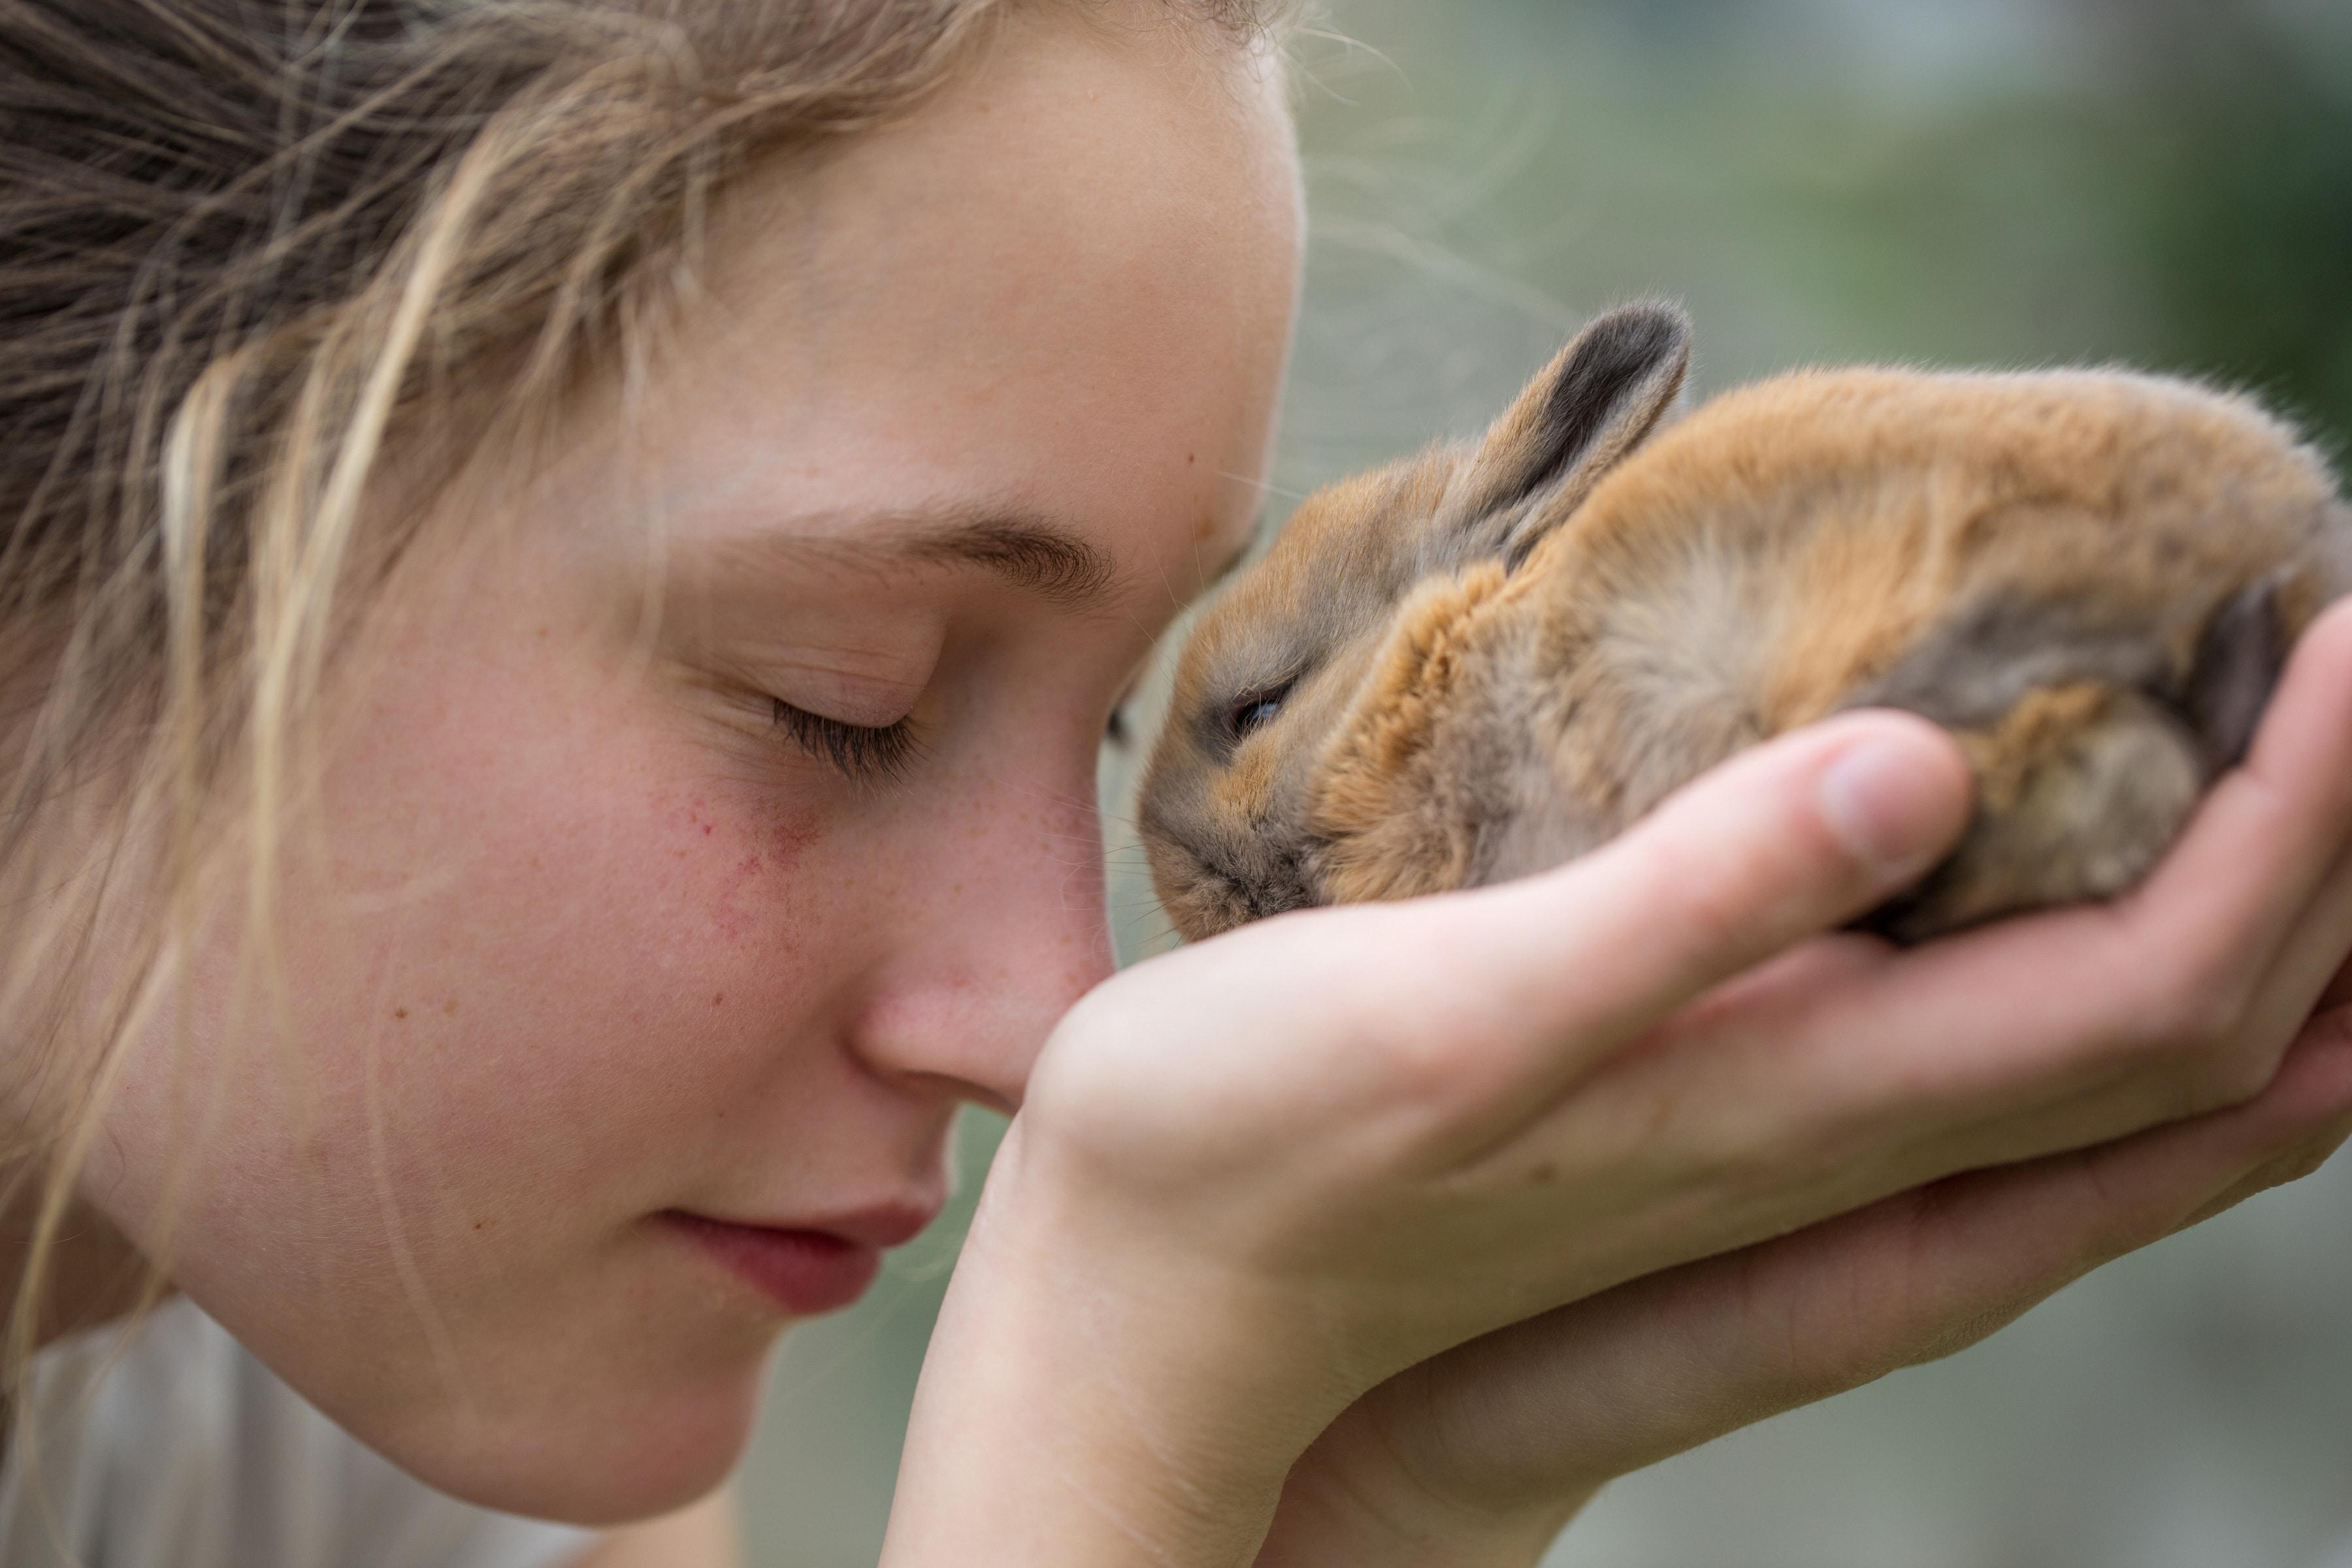 Mädchen trägt kleines Kaninchen